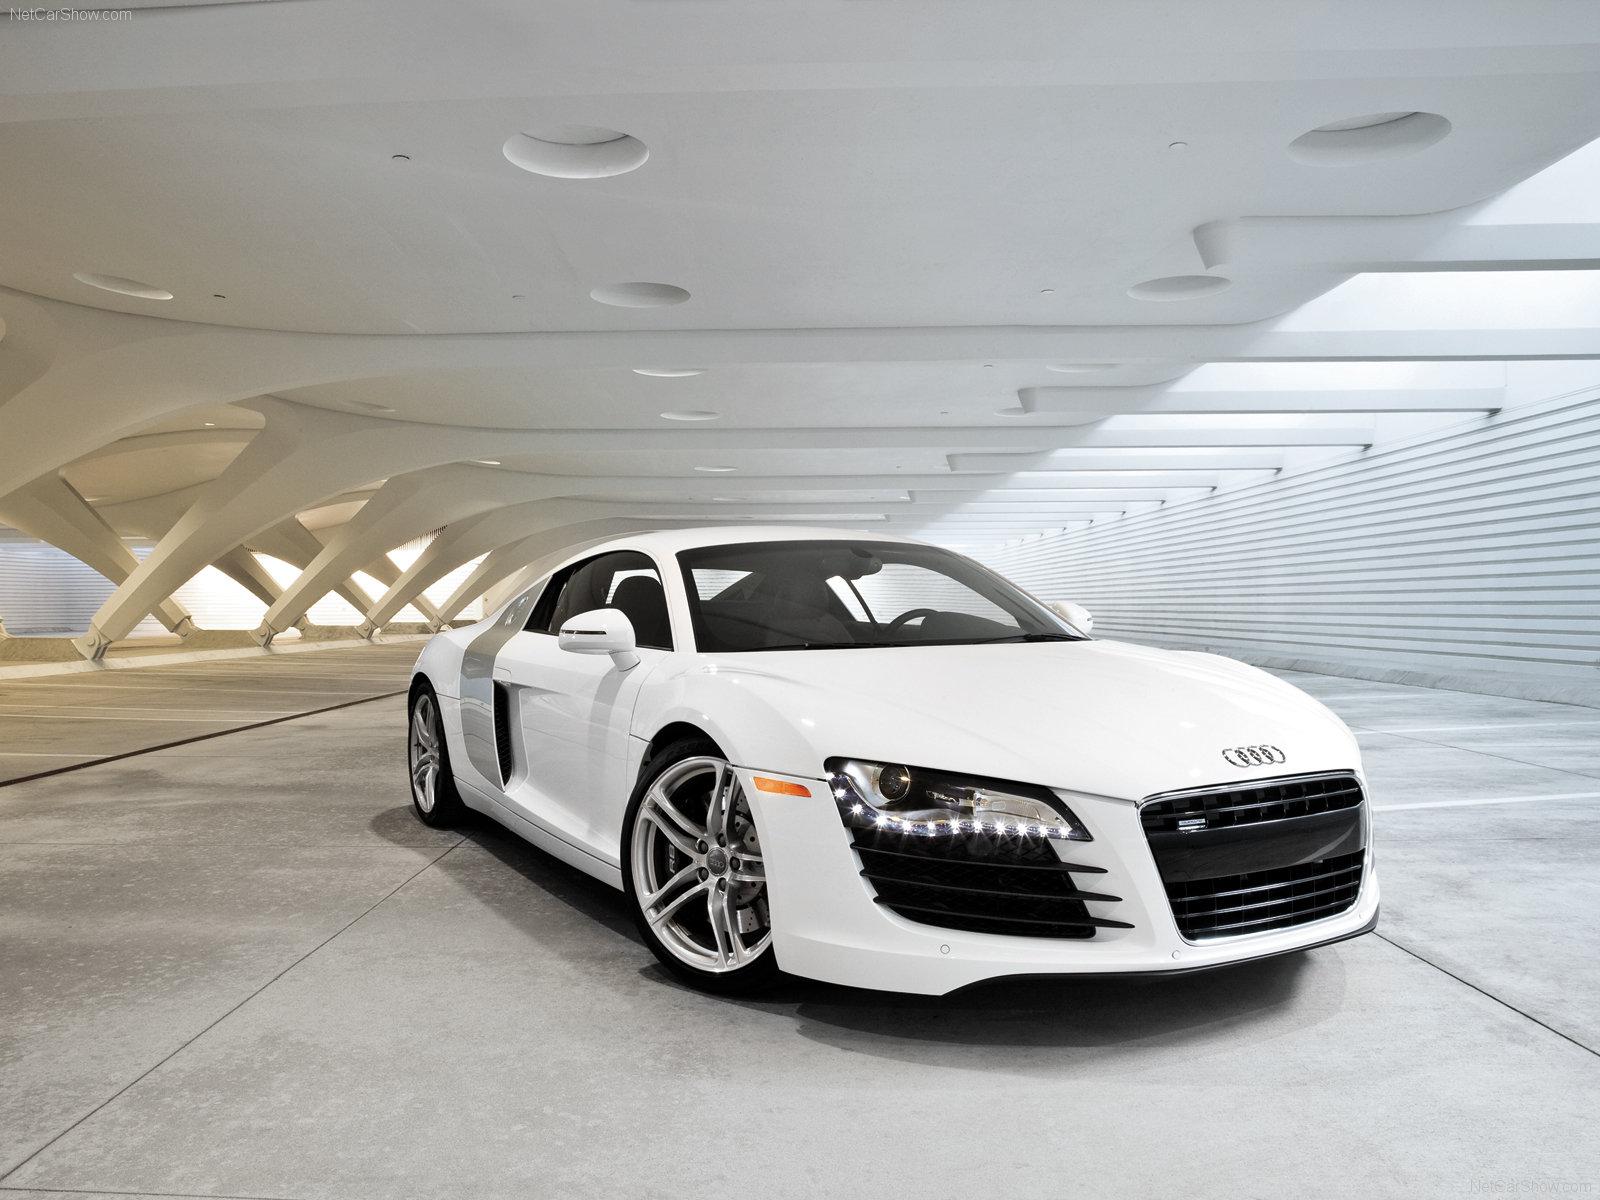 http://4.bp.blogspot.com/-VvfTViAAo4o/Tj5KFz0ZdVI/AAAAAAAAABs/cVTzto70mAg/s1600/Audi-R8_2008_1600x1200_wallpaper_01.jpg